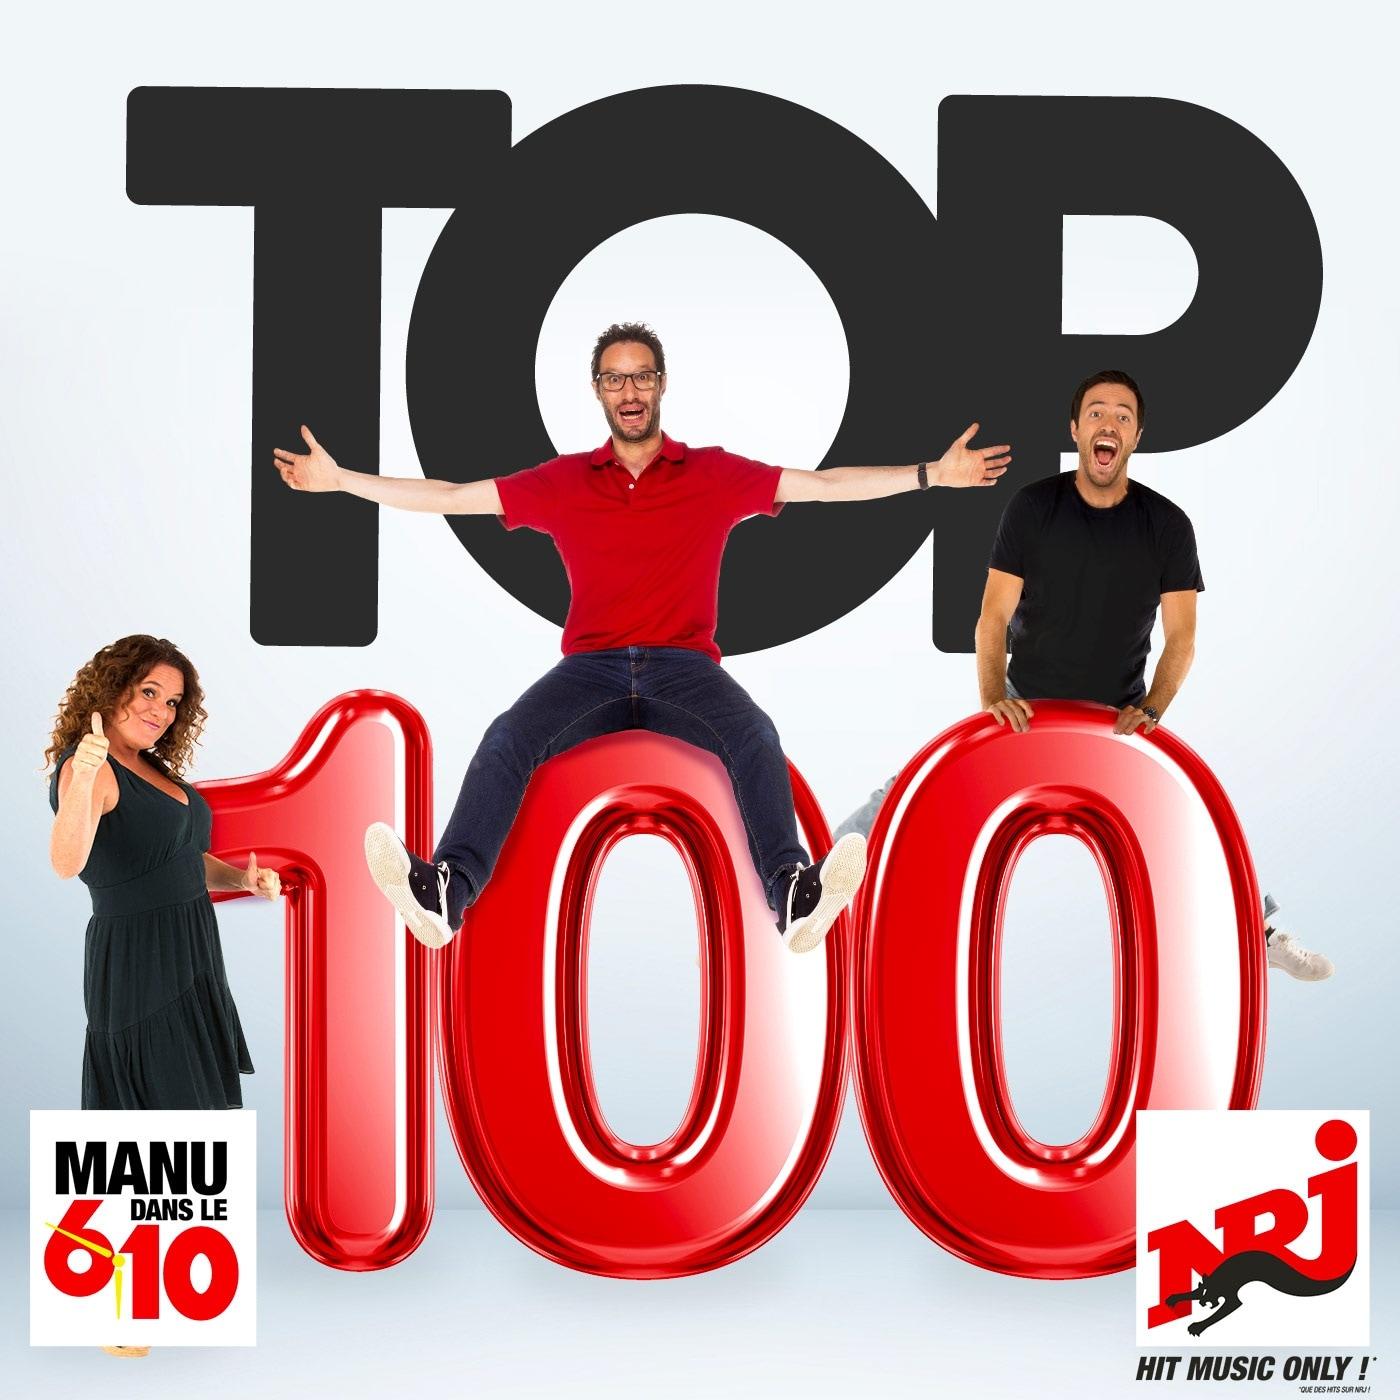 Image 1: Le Top 100 Manu dans le 6 10